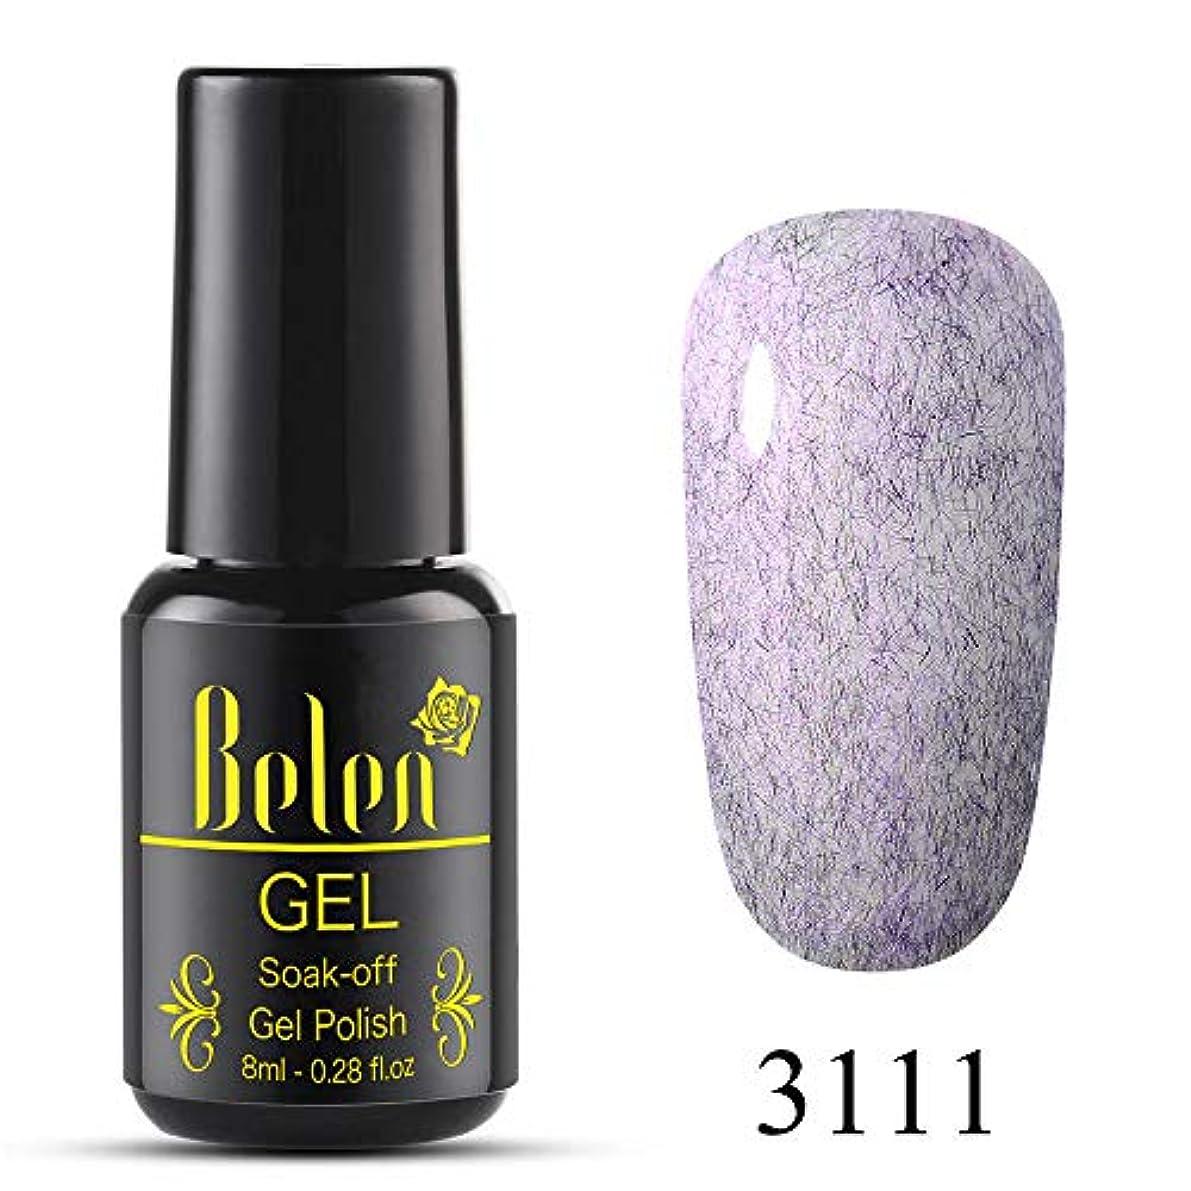 だらしない割合繁殖Belen ジェルネイル カラージェル 貝殻毛皮系 1色入り 8ml【全12色選択可】